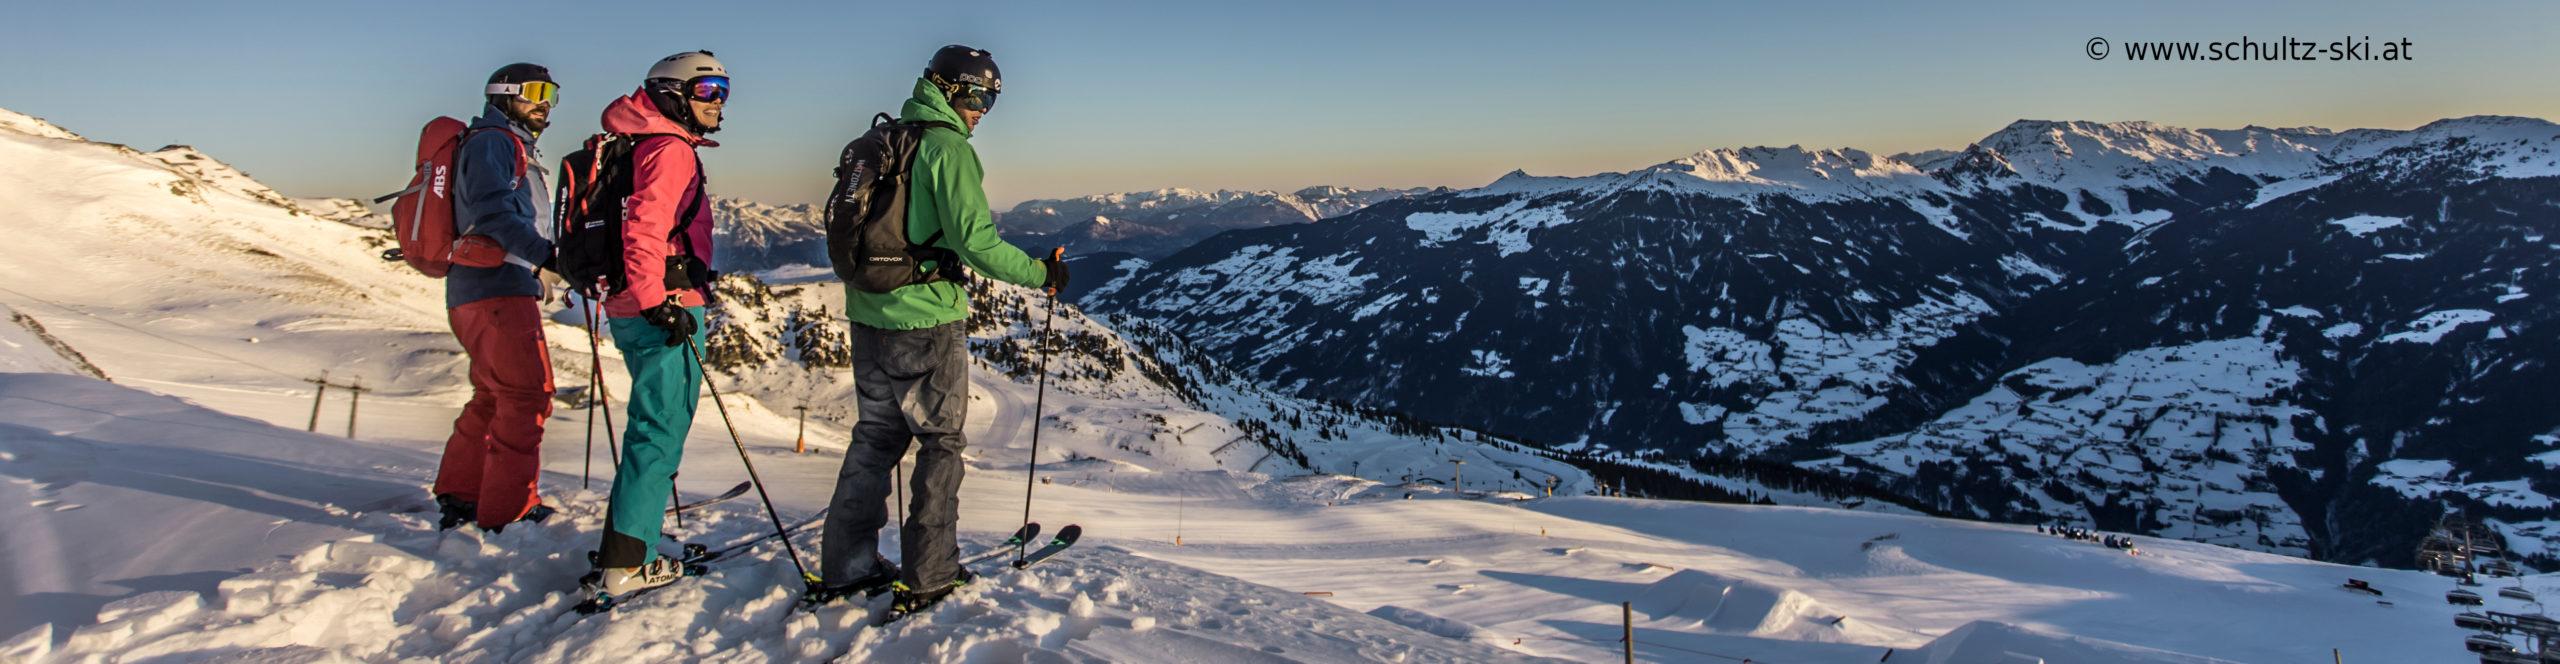 ZILLERTAL – verlängertes Skiwochenende mit 4 Skitagen – in den Weihnachtsferien – 4 Sterne Hotel mit Schwimmbad